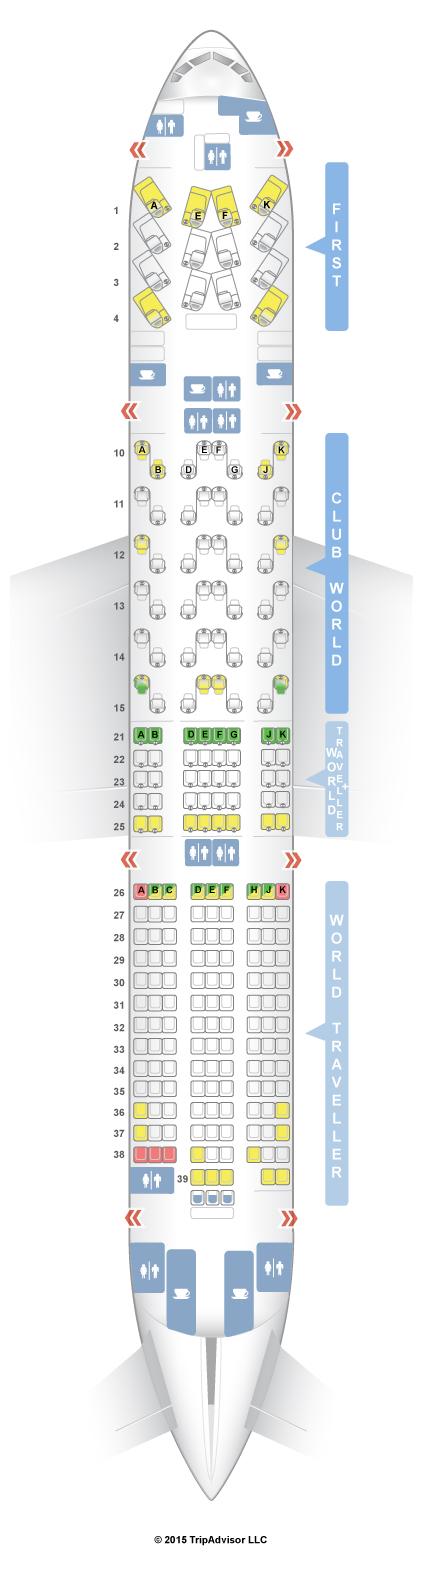 SeatGuru Seat Map British Airways Boeing 777-200 (772) Four Class